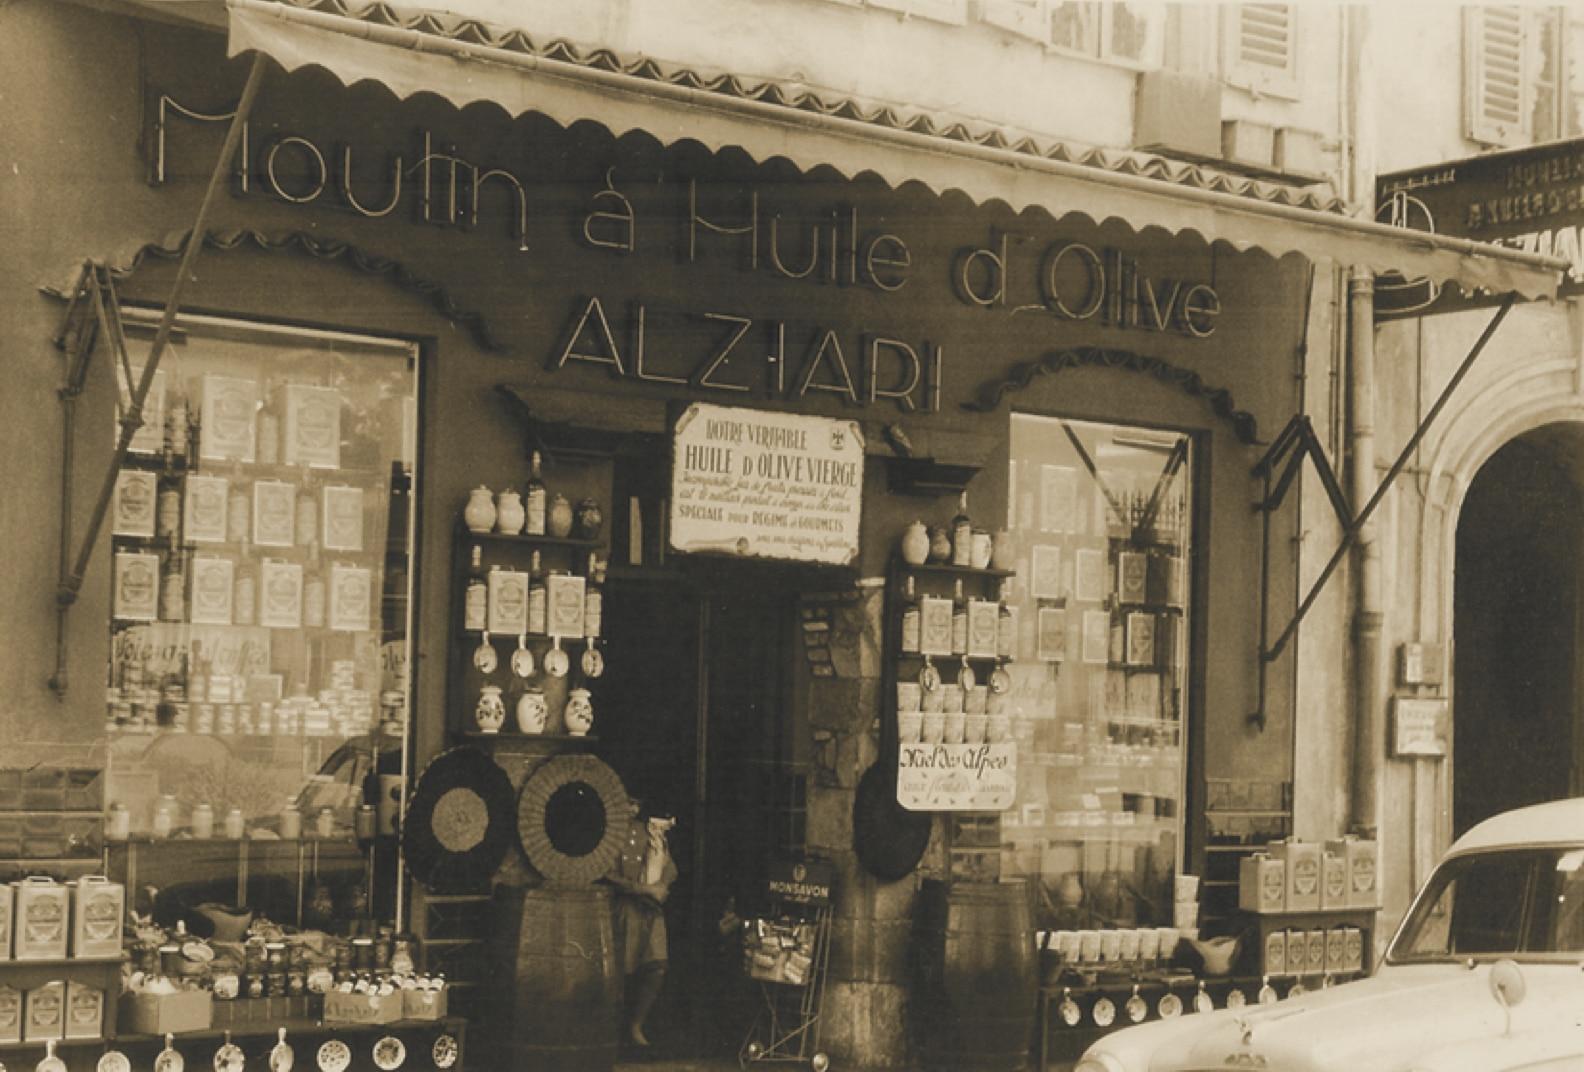 Moulin Alziari